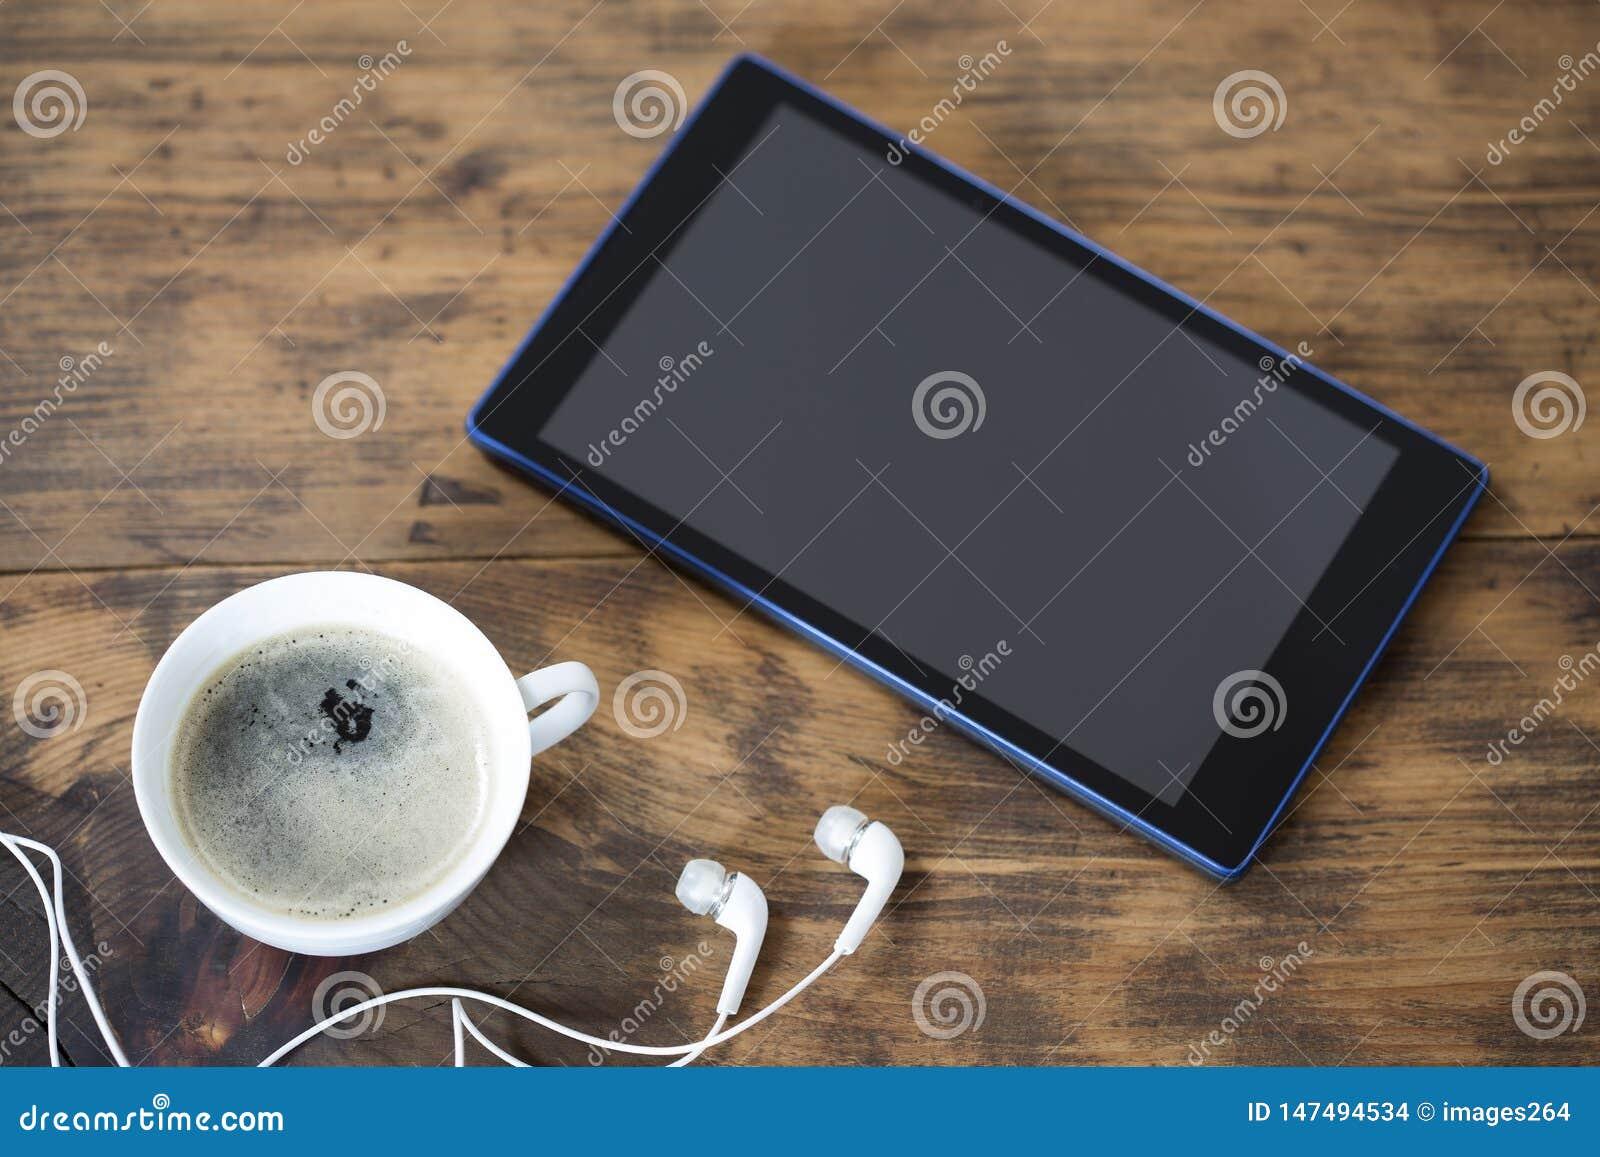 Digital-Tablette und ein Tasse Kaffee